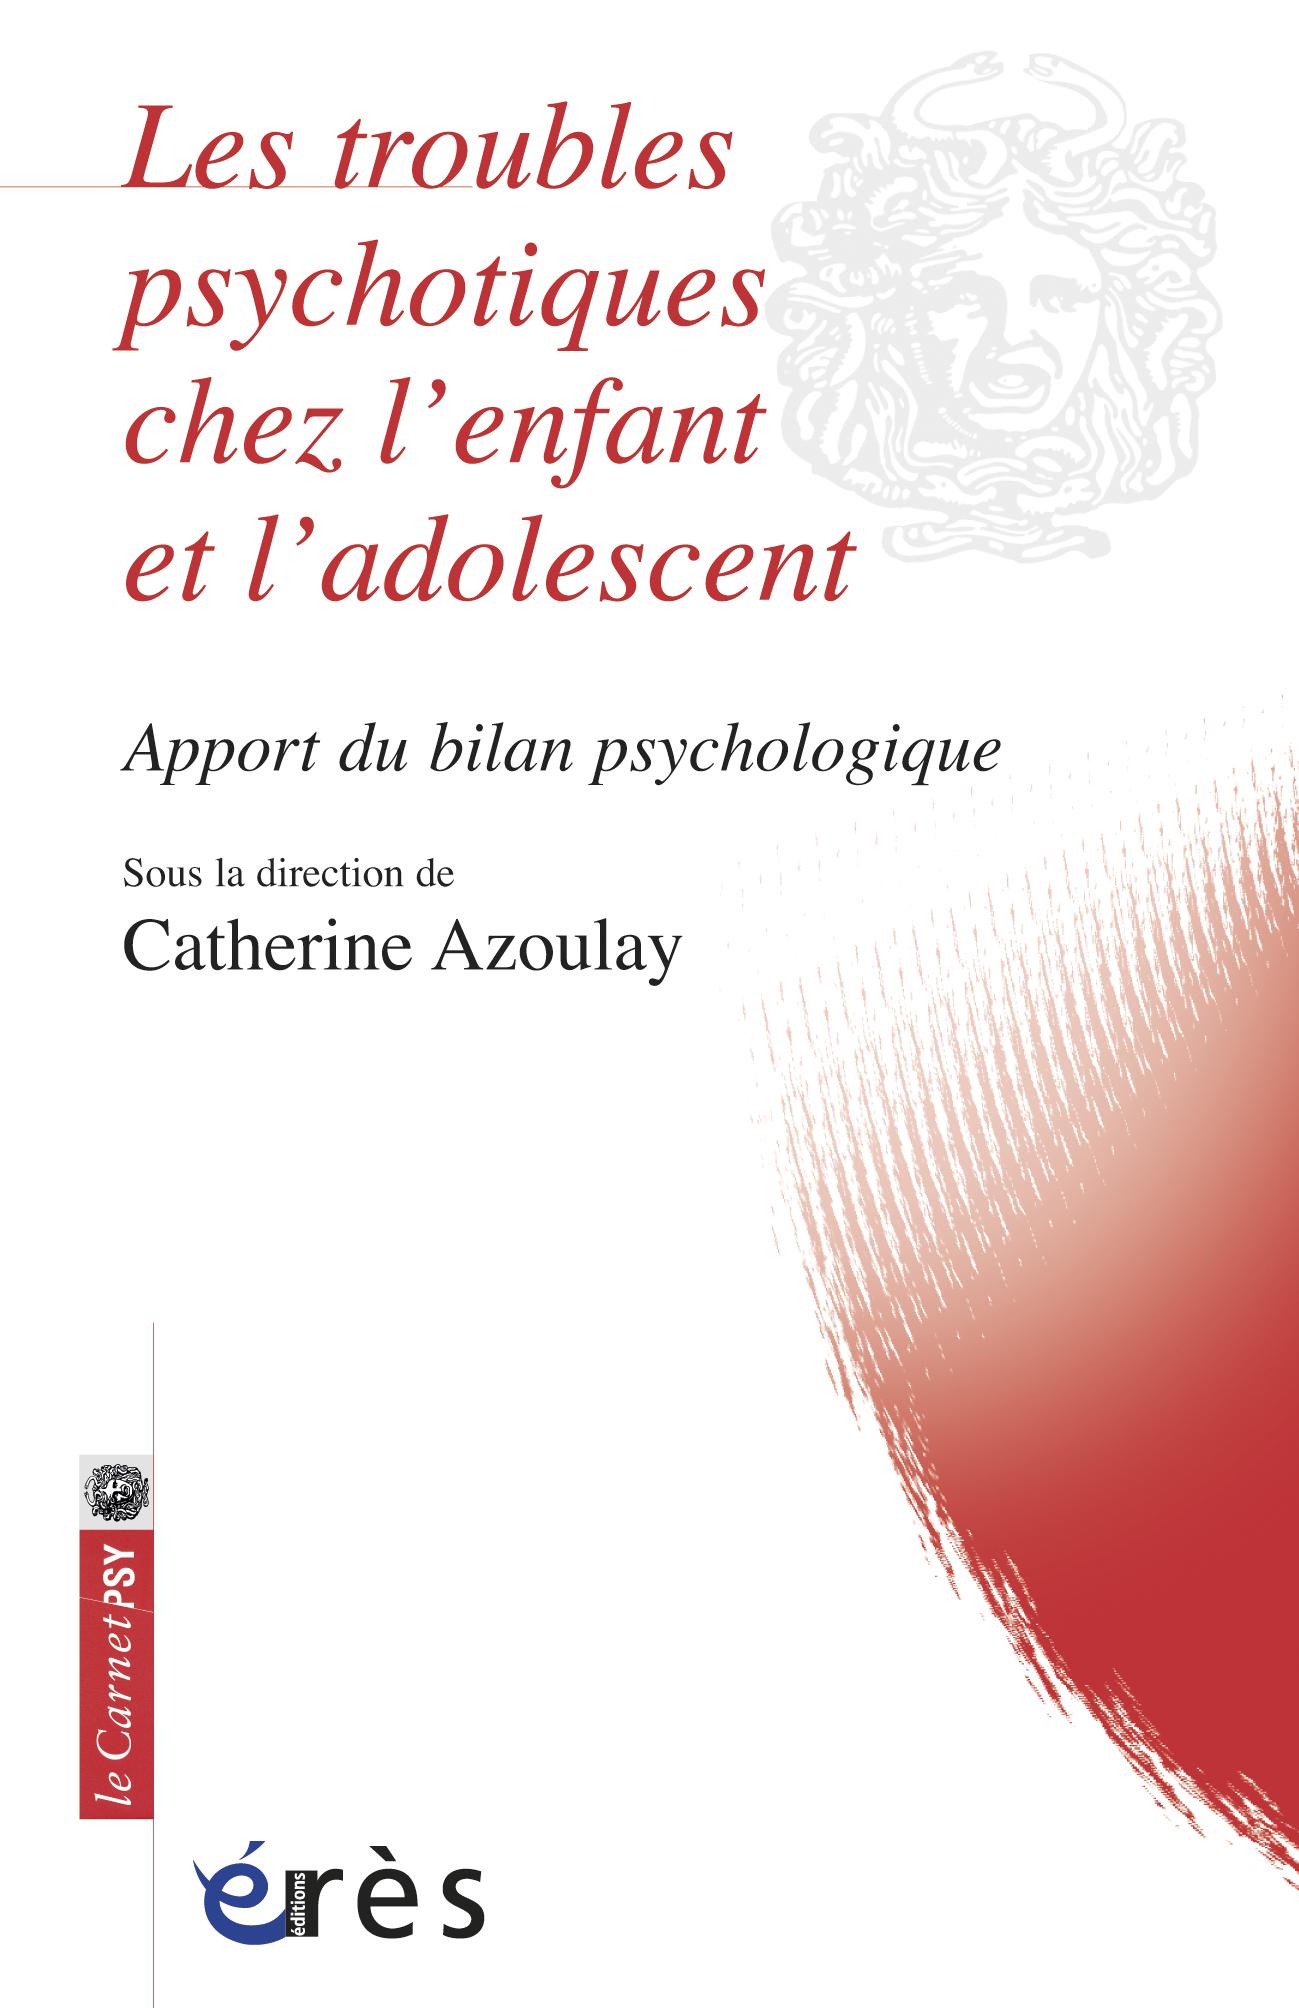 Traduction adolescent anglais Dictionnaire franais